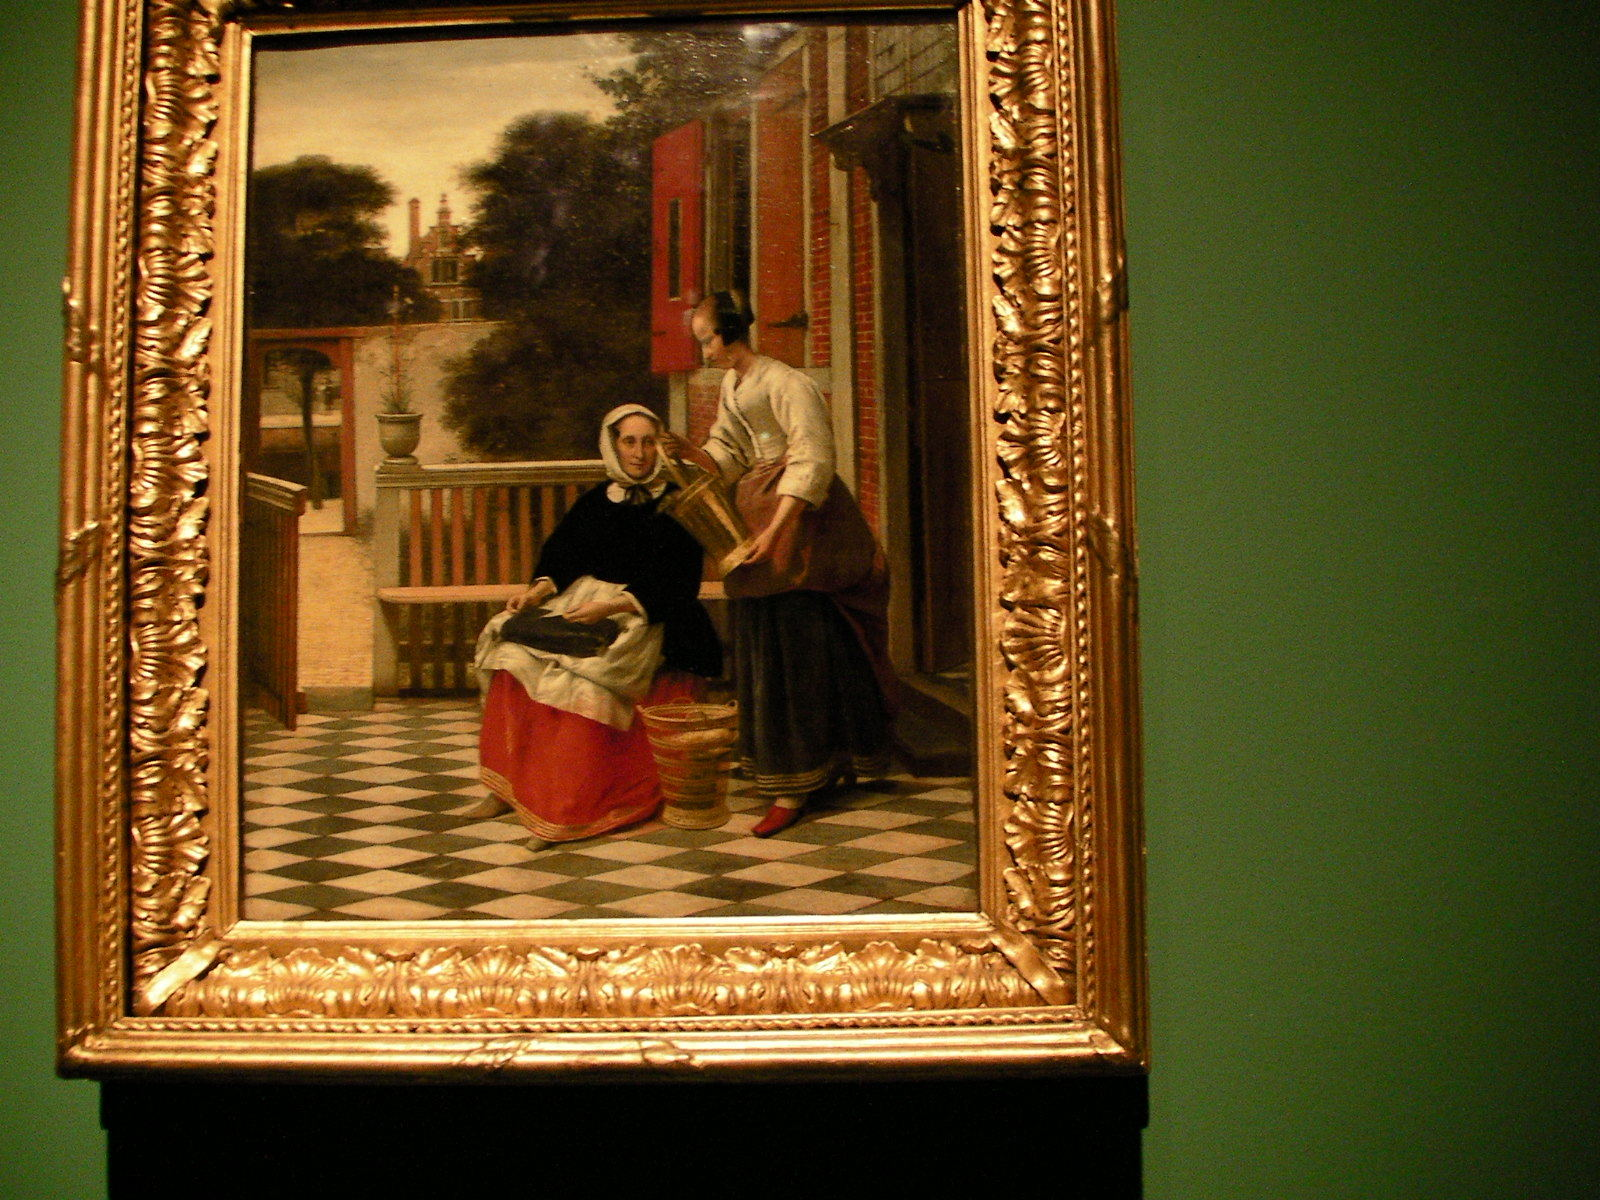 ピーテル・デ・ホーホ《女主人とバケツを持つ女中》(1661-1663頃)